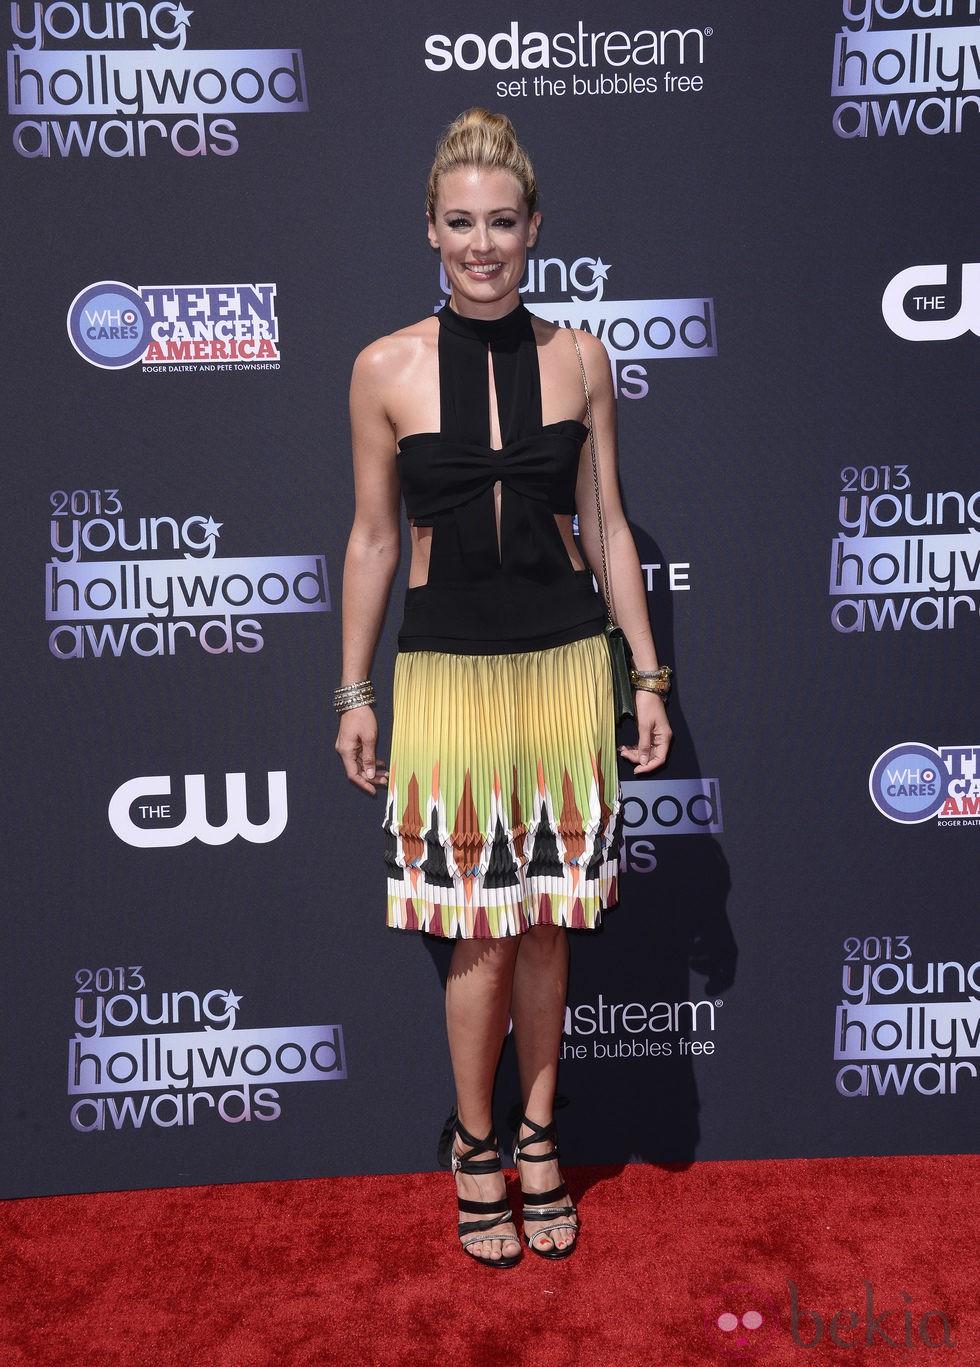 Cat Deeley en los Premios Young Hollywood 2013